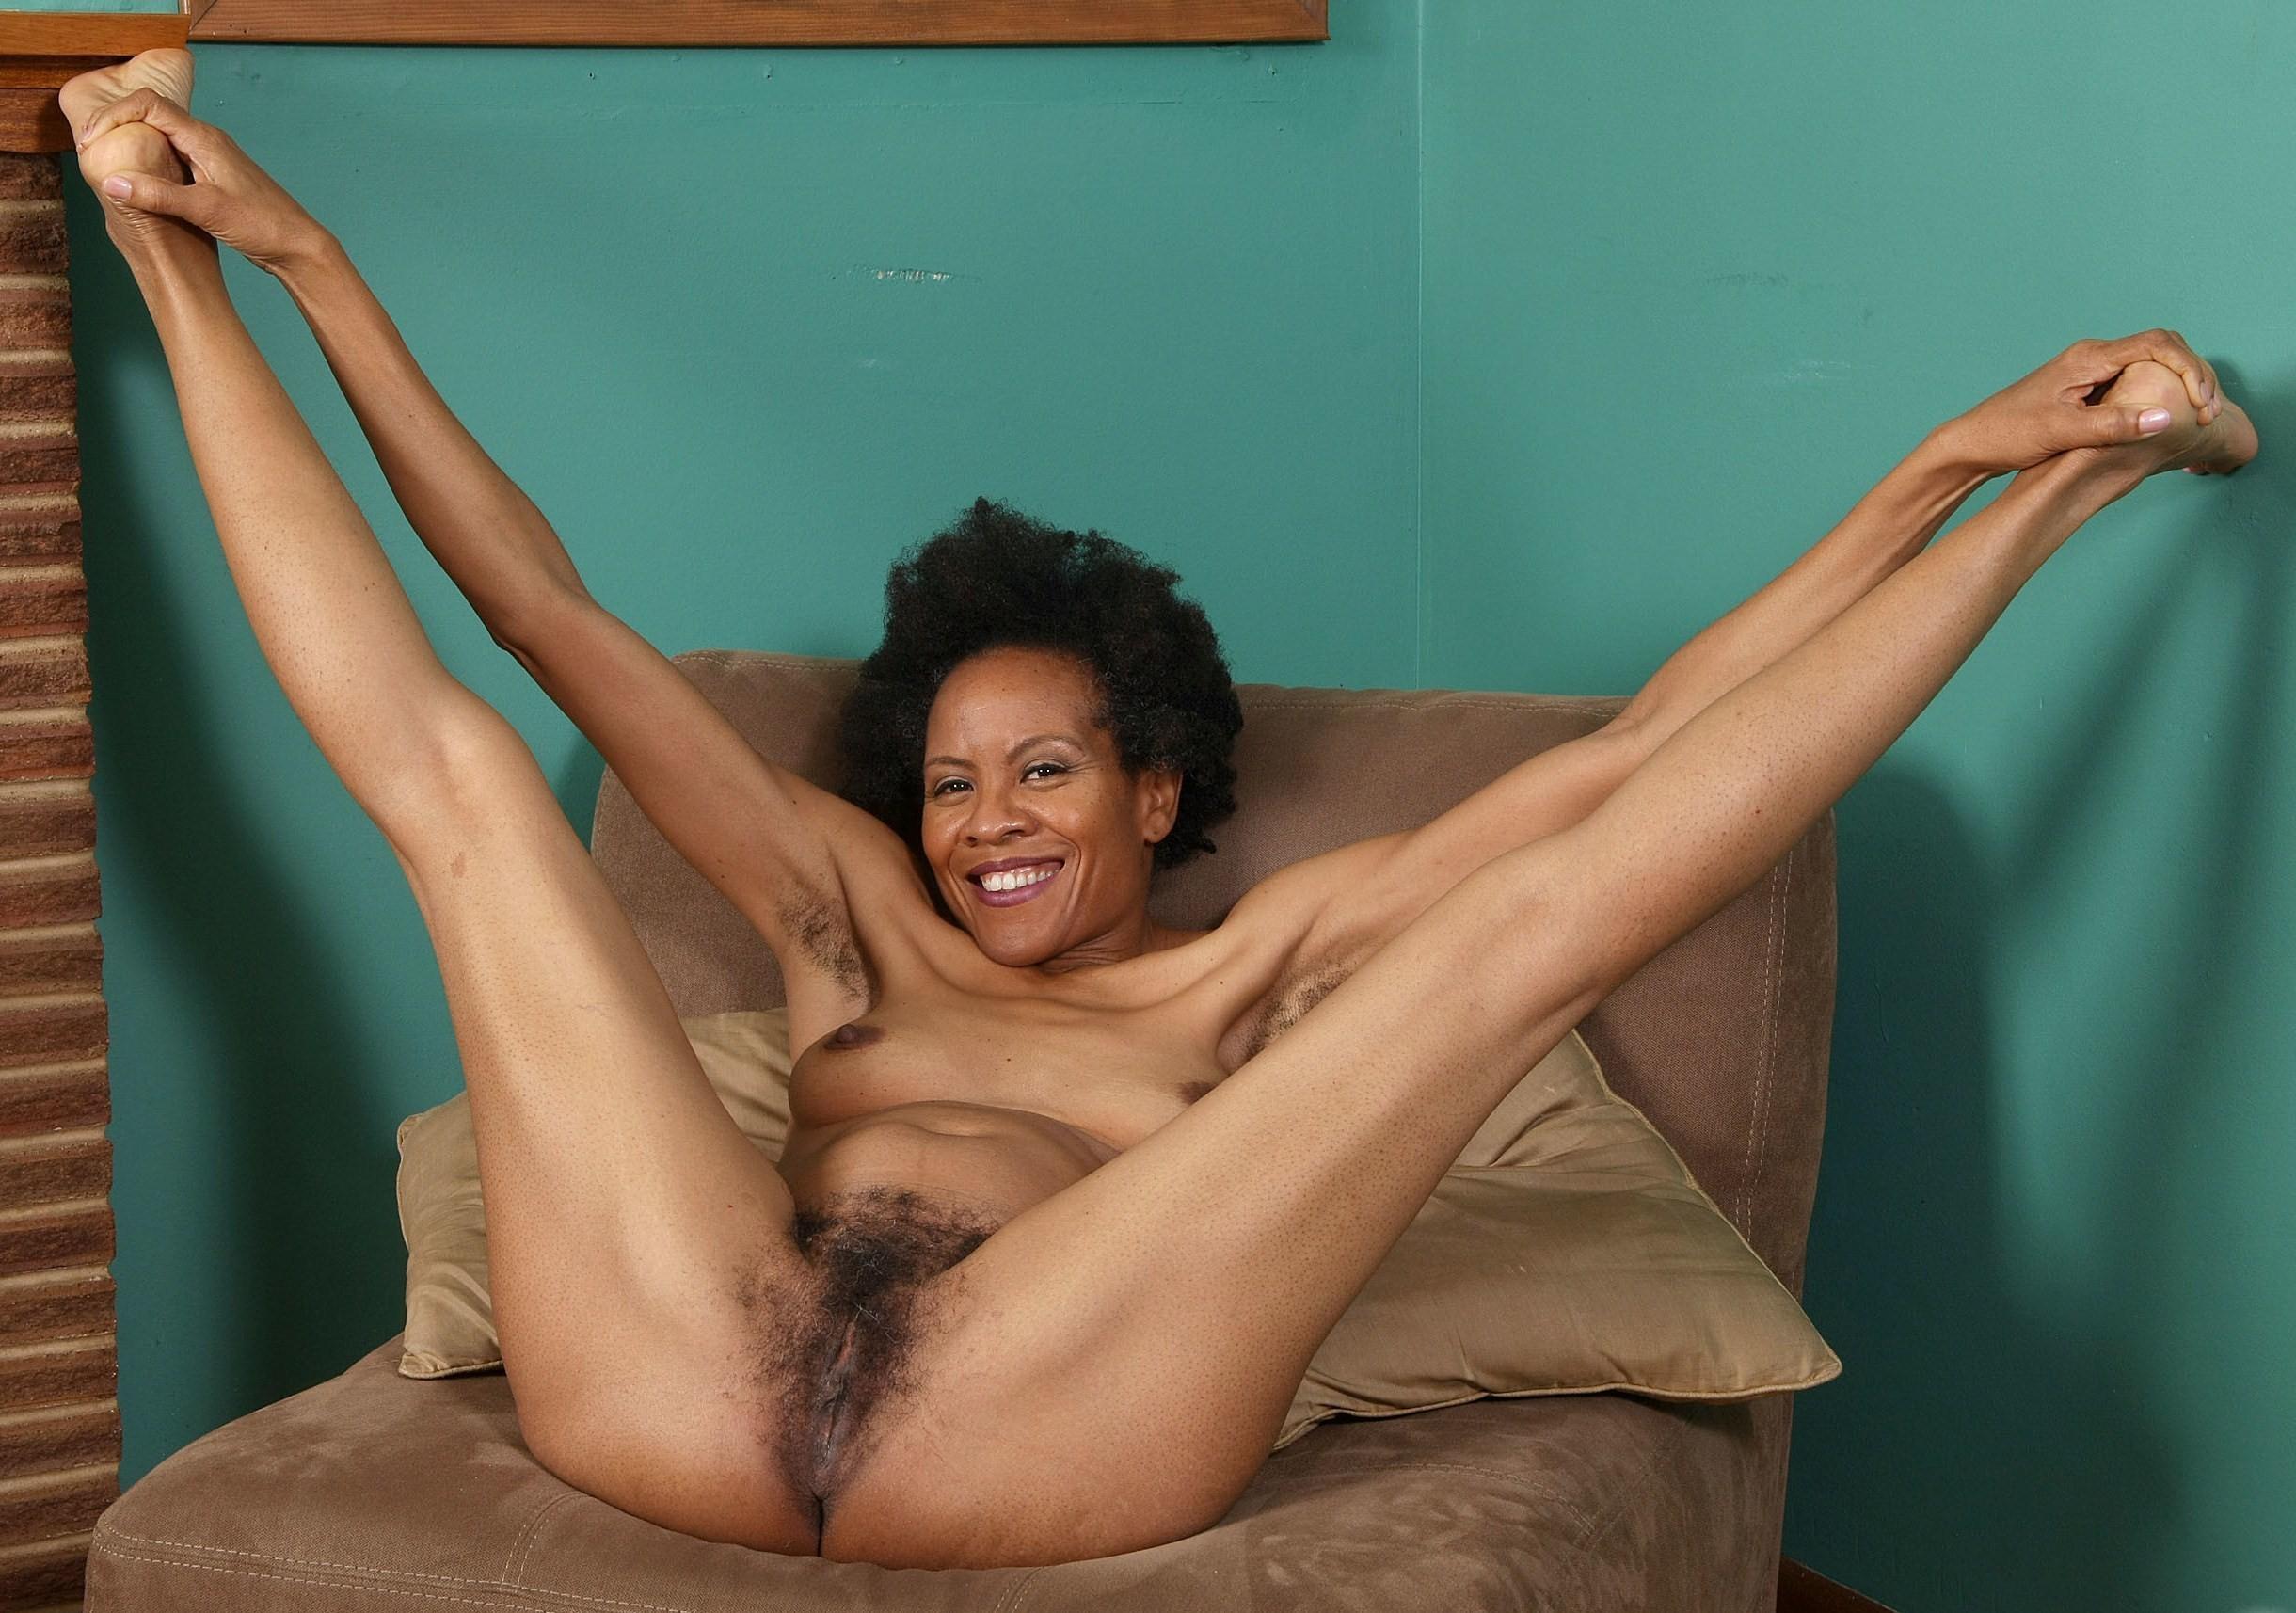 Голые негритянки раздвигают ножки - компиляция 16